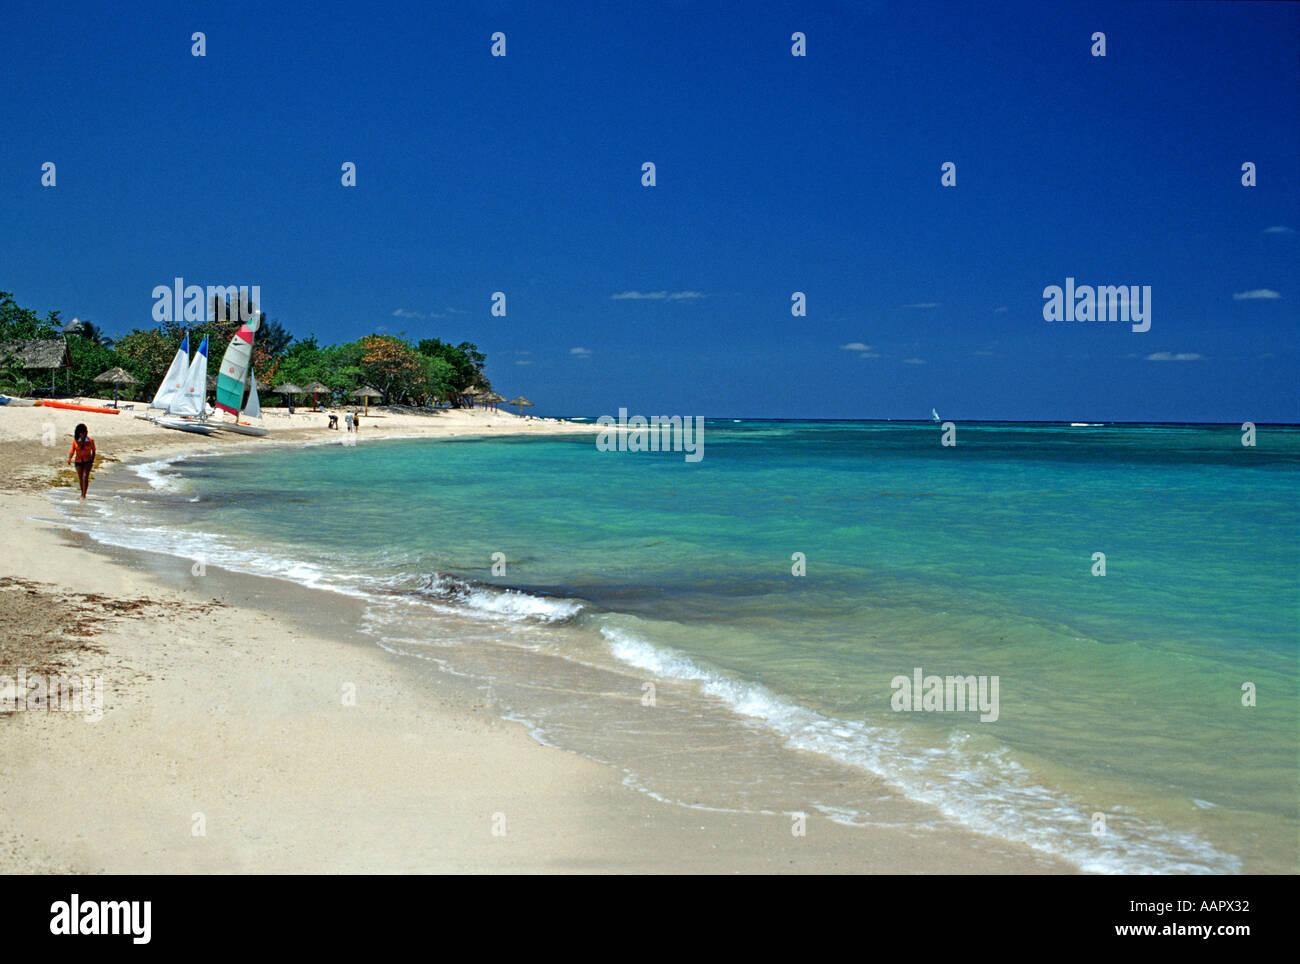 Inviting blue waters of the Caribbean at Jibacoa beach Cuba - Stock Image